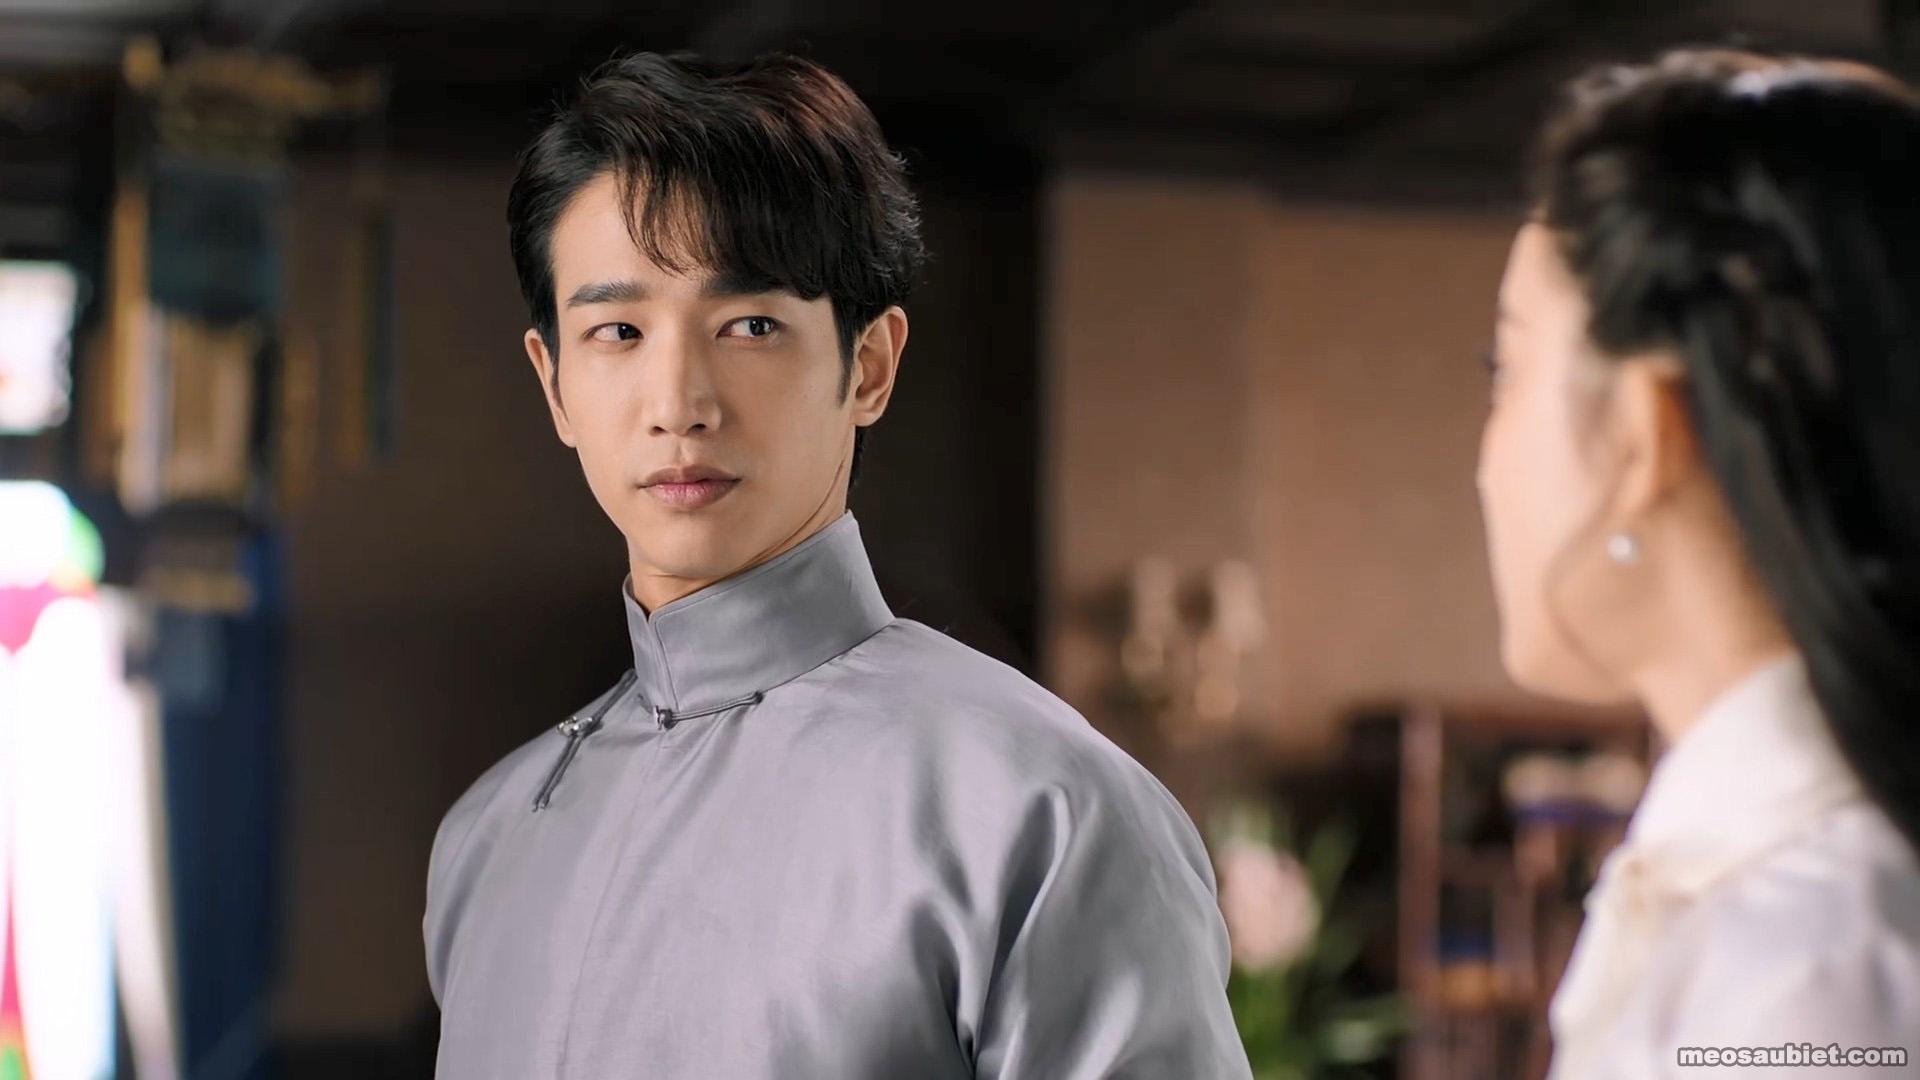 Thập Nhị Đàm – Mười hai cuộc trò chuyện 2021 Lưu Dĩ Hào trong vai Kim Tính Kiên